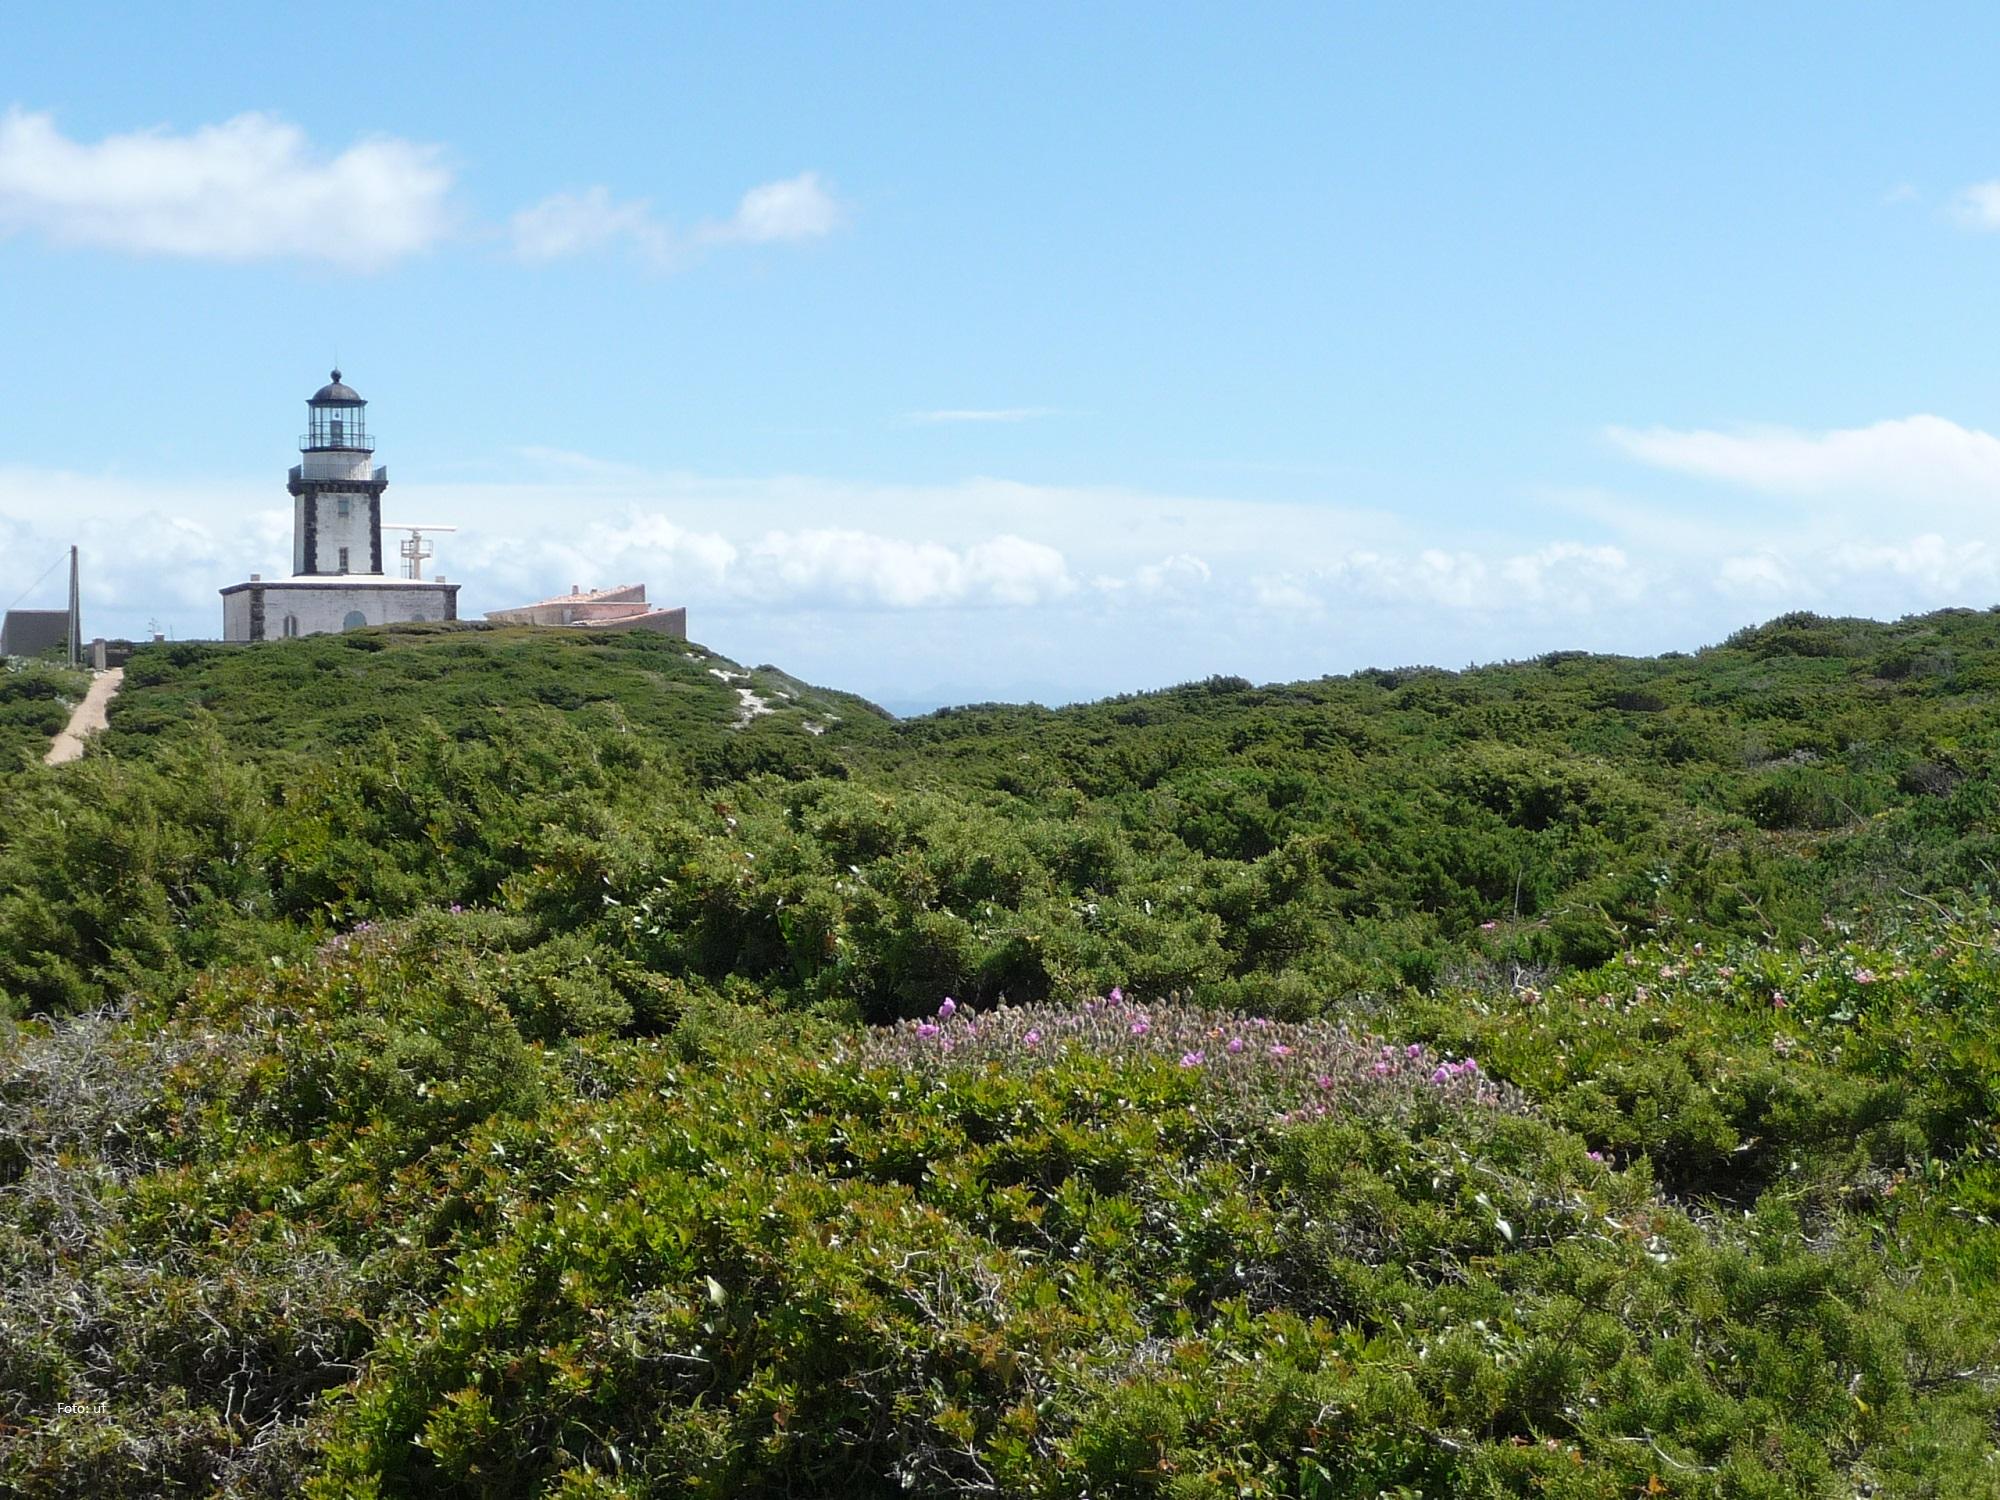 Unser Ziel einer kleinen Wanderung bei Bonifacio:der Leuchtturm von Pertusato. Die Wege für durch Macchia